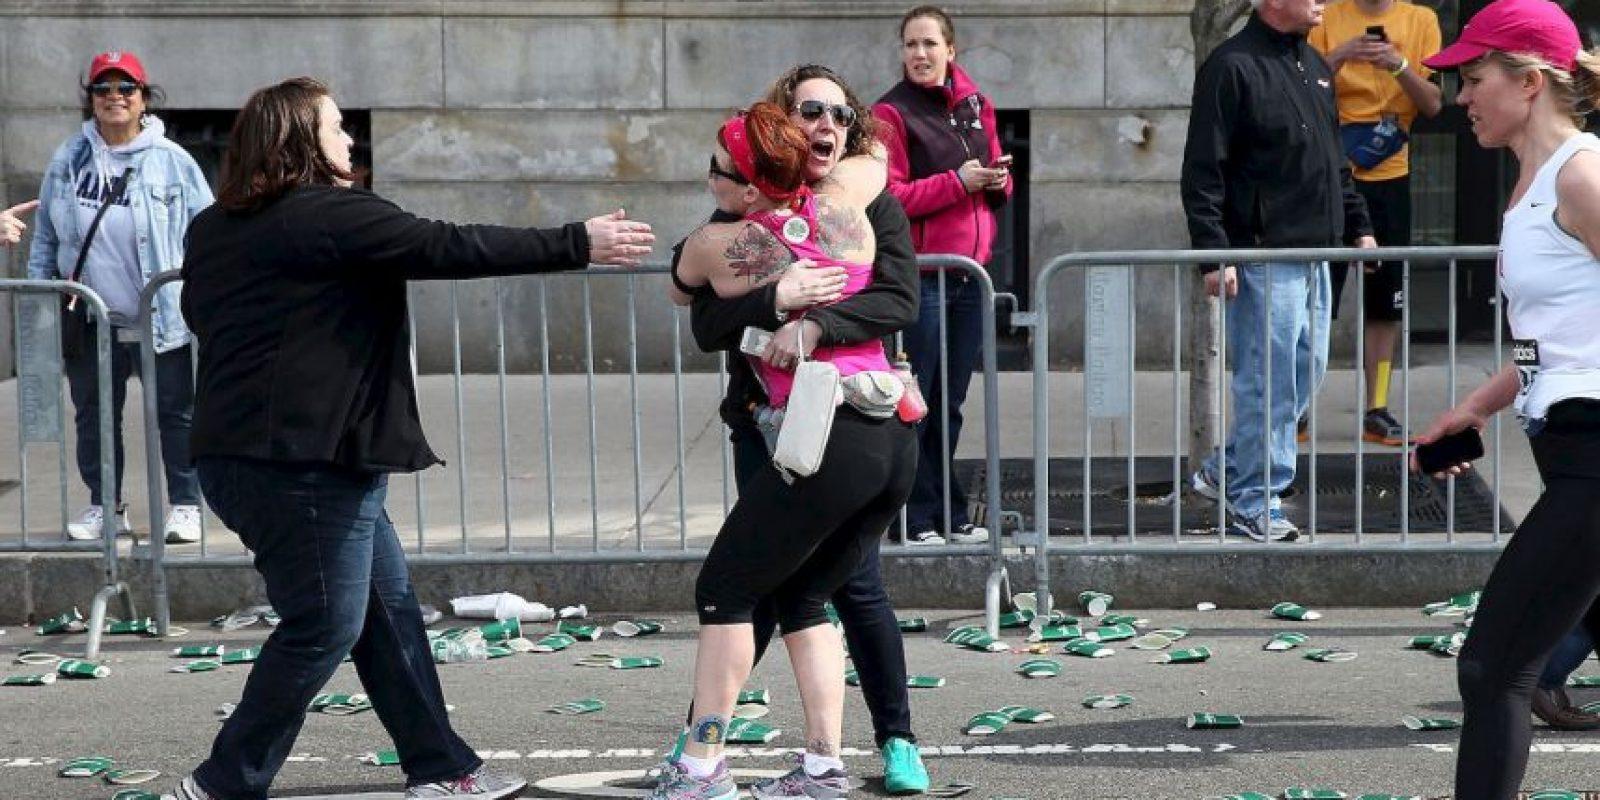 4. Las víctimas fatales del atentado fueron Krystle Campbell, Martin Richard y Lingzi Lu. Foto:Getty Images